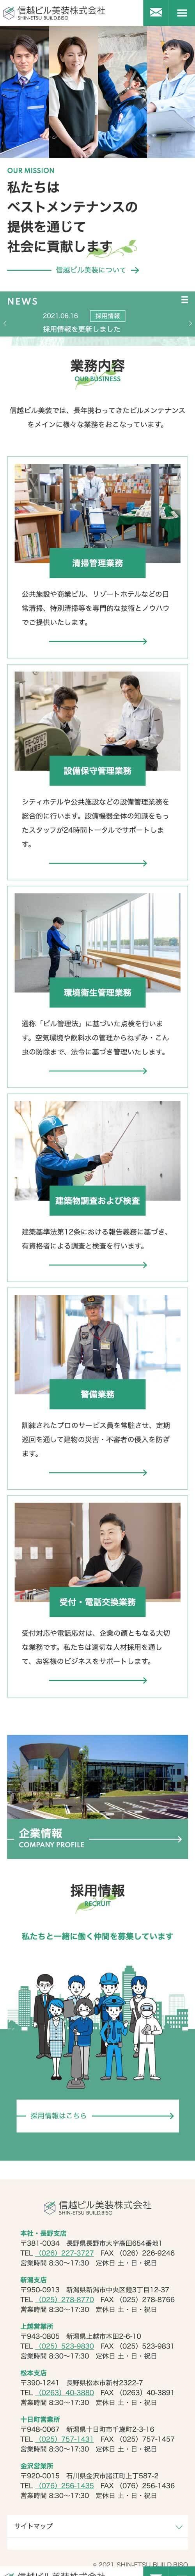 信越ビル美装株式会社 様spイメージ